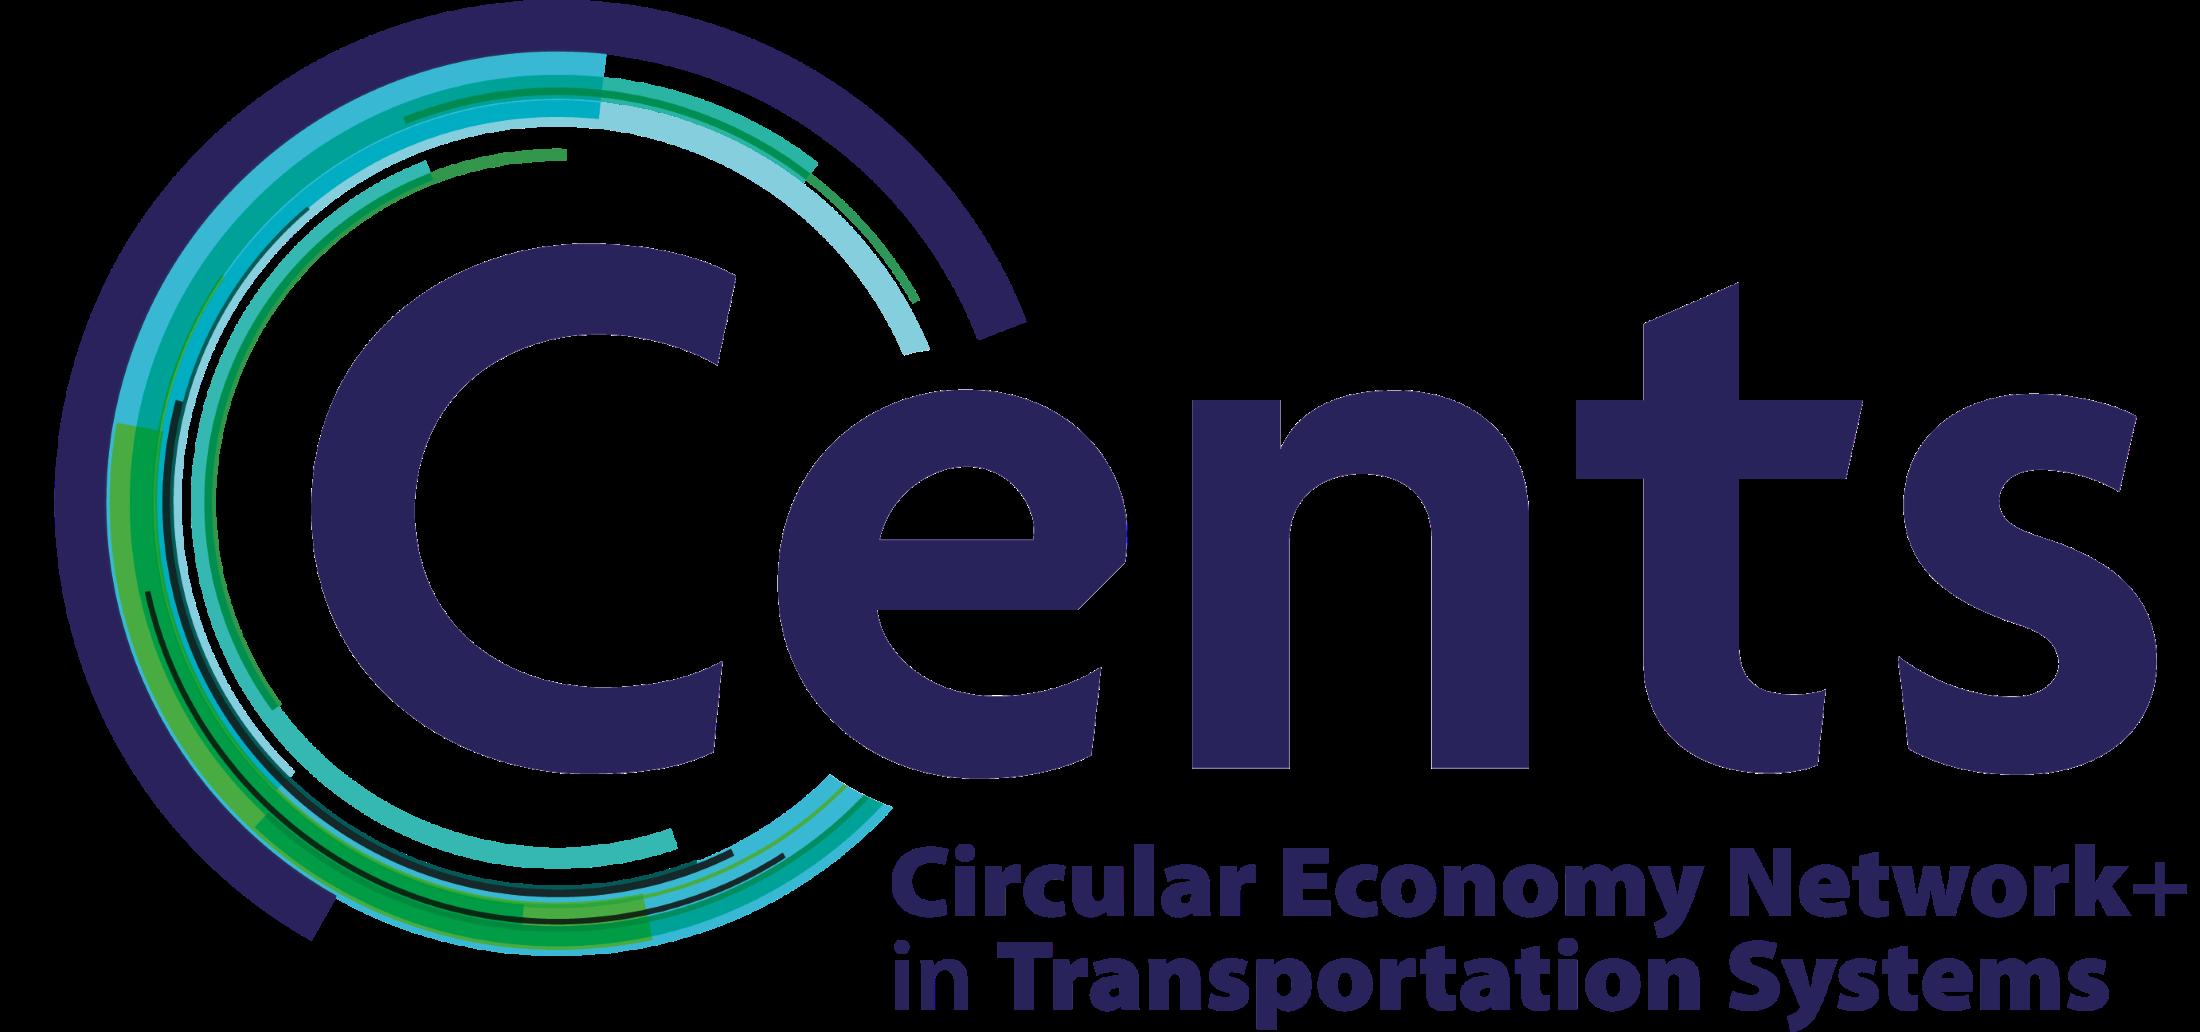 Cents logo